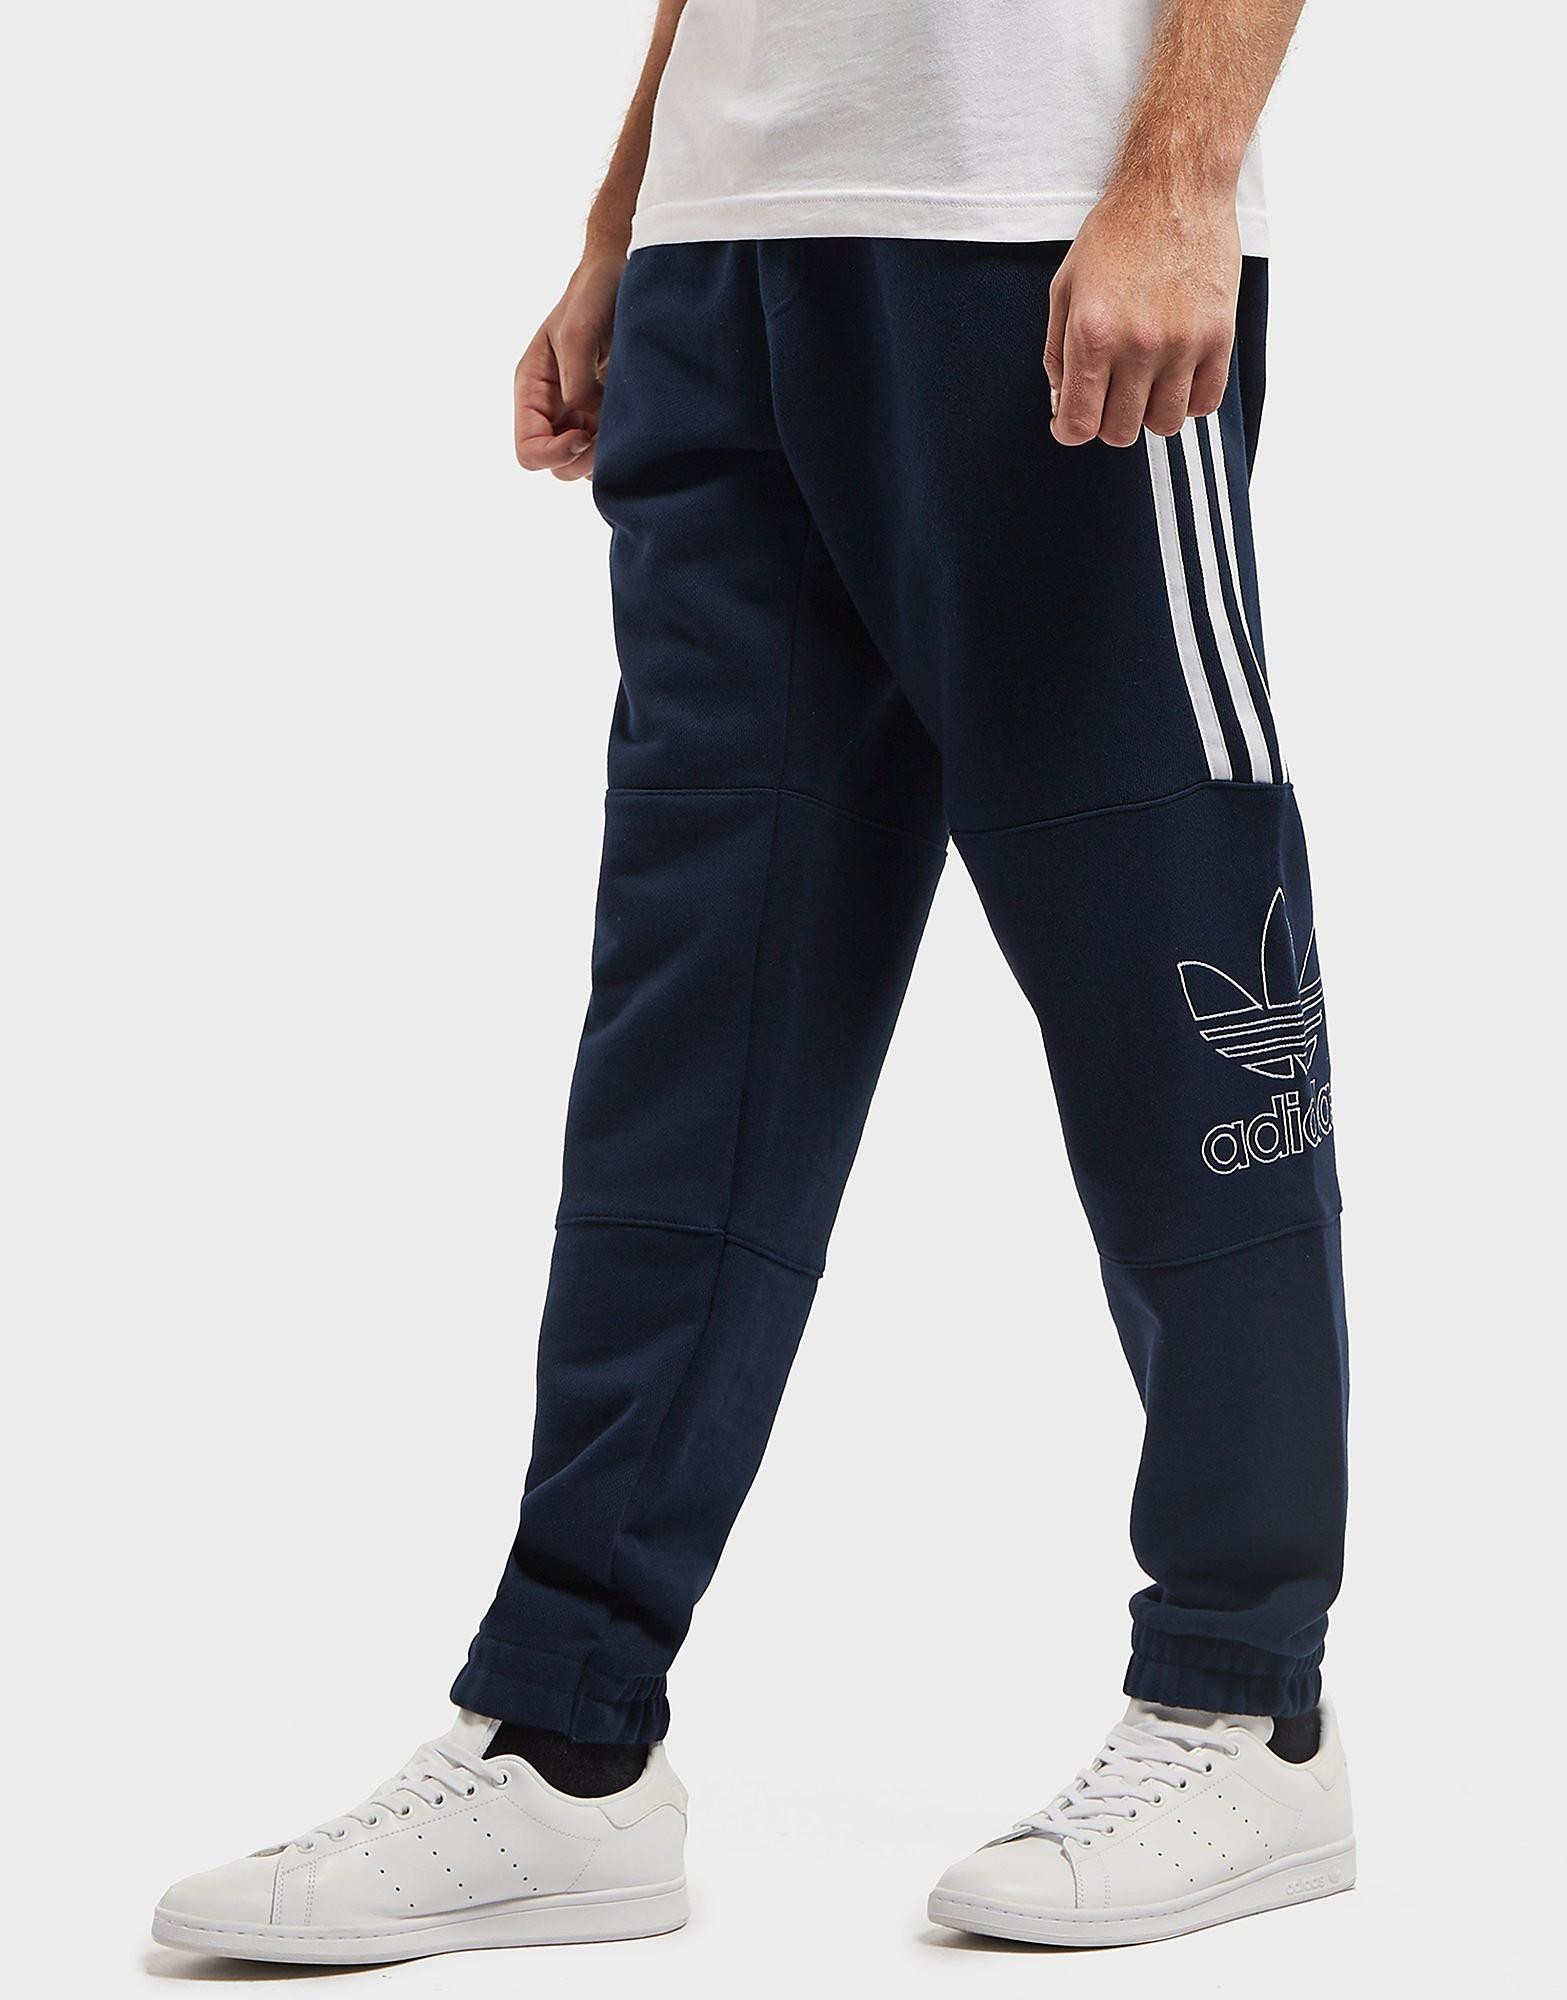 adidas Originals Outline Track Pants